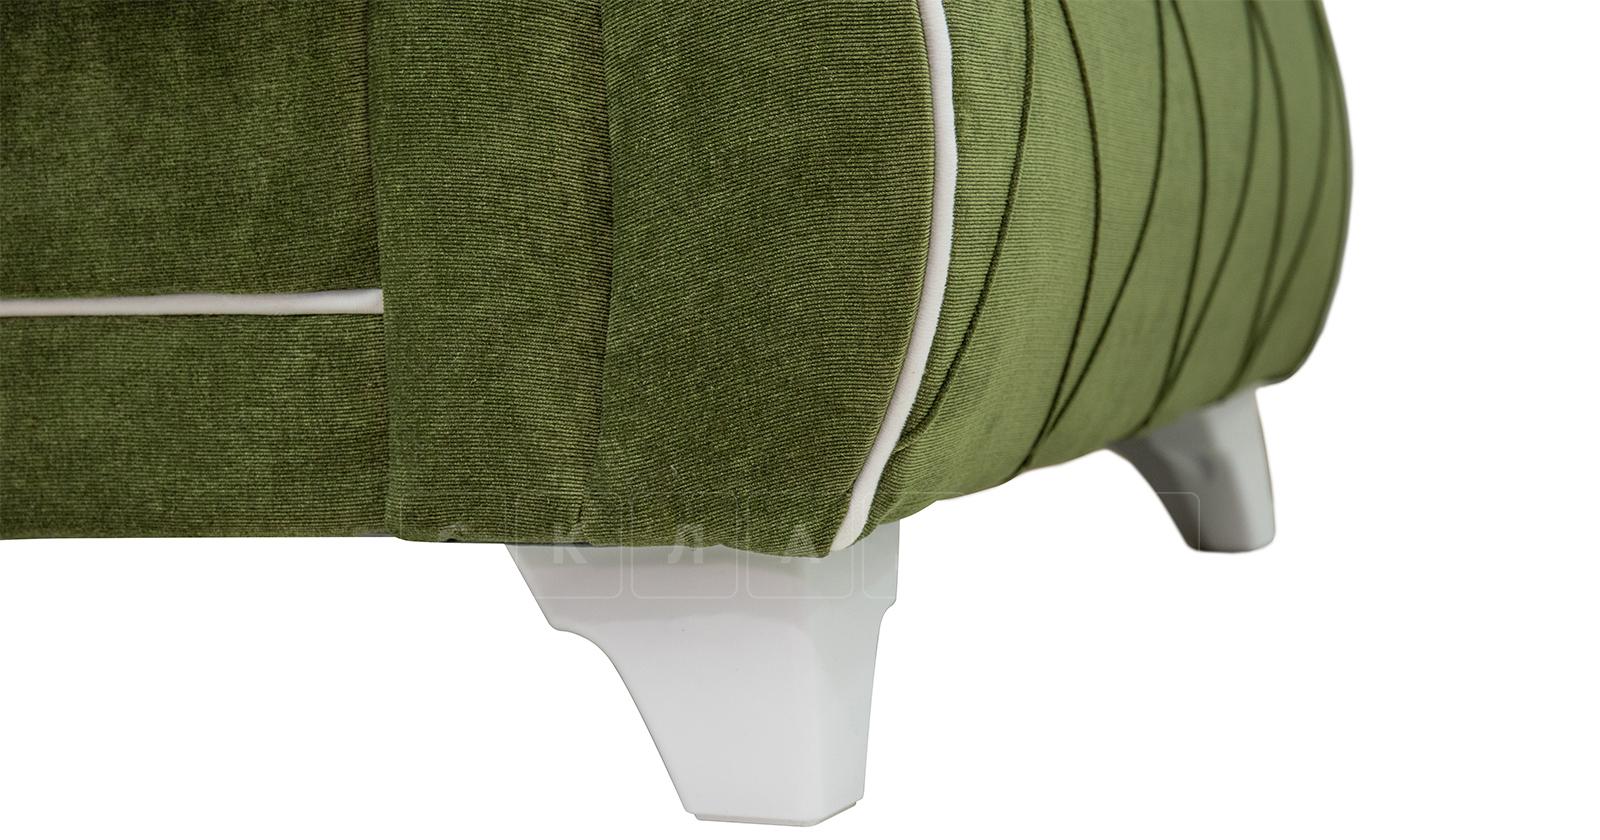 Кресло для отдыха Роза оливковый фото 9 | интернет-магазин Складно